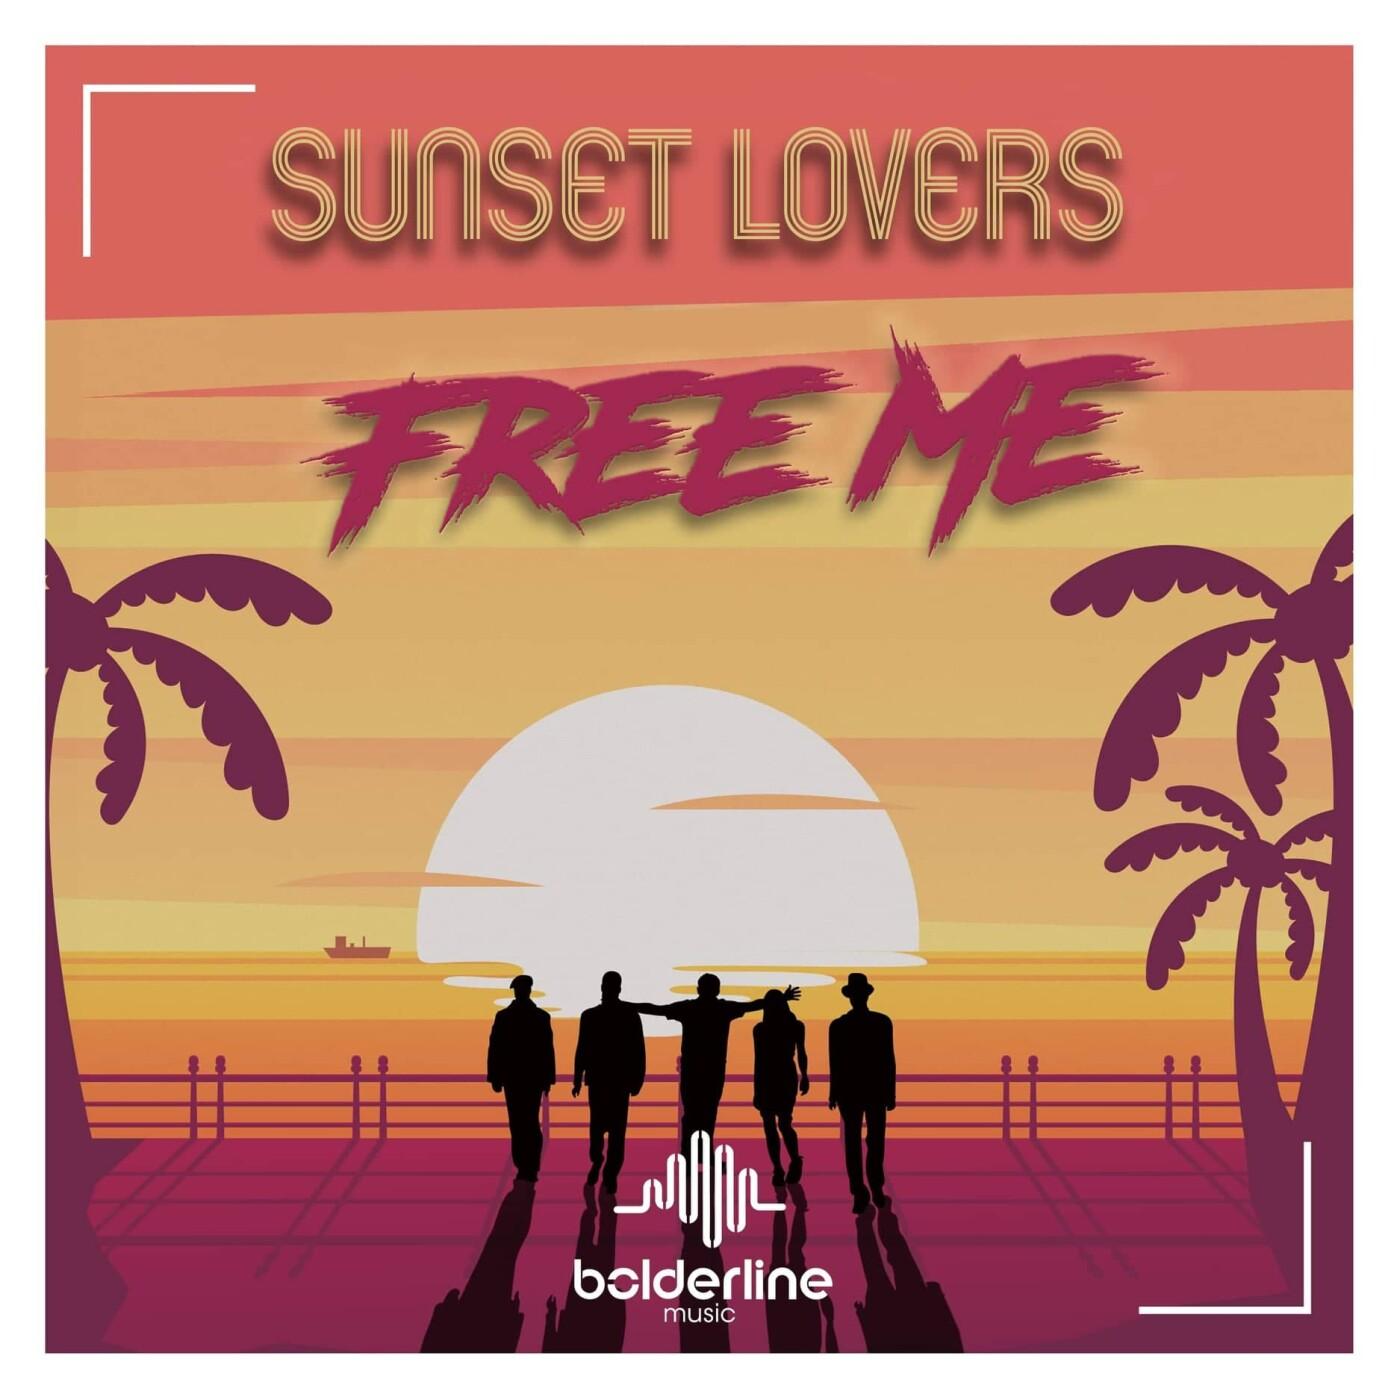 Sunset Lovers, artiste du jour, Eflau présente le projet et le nouveau single - 08 03 2021 - StereoChic Radio